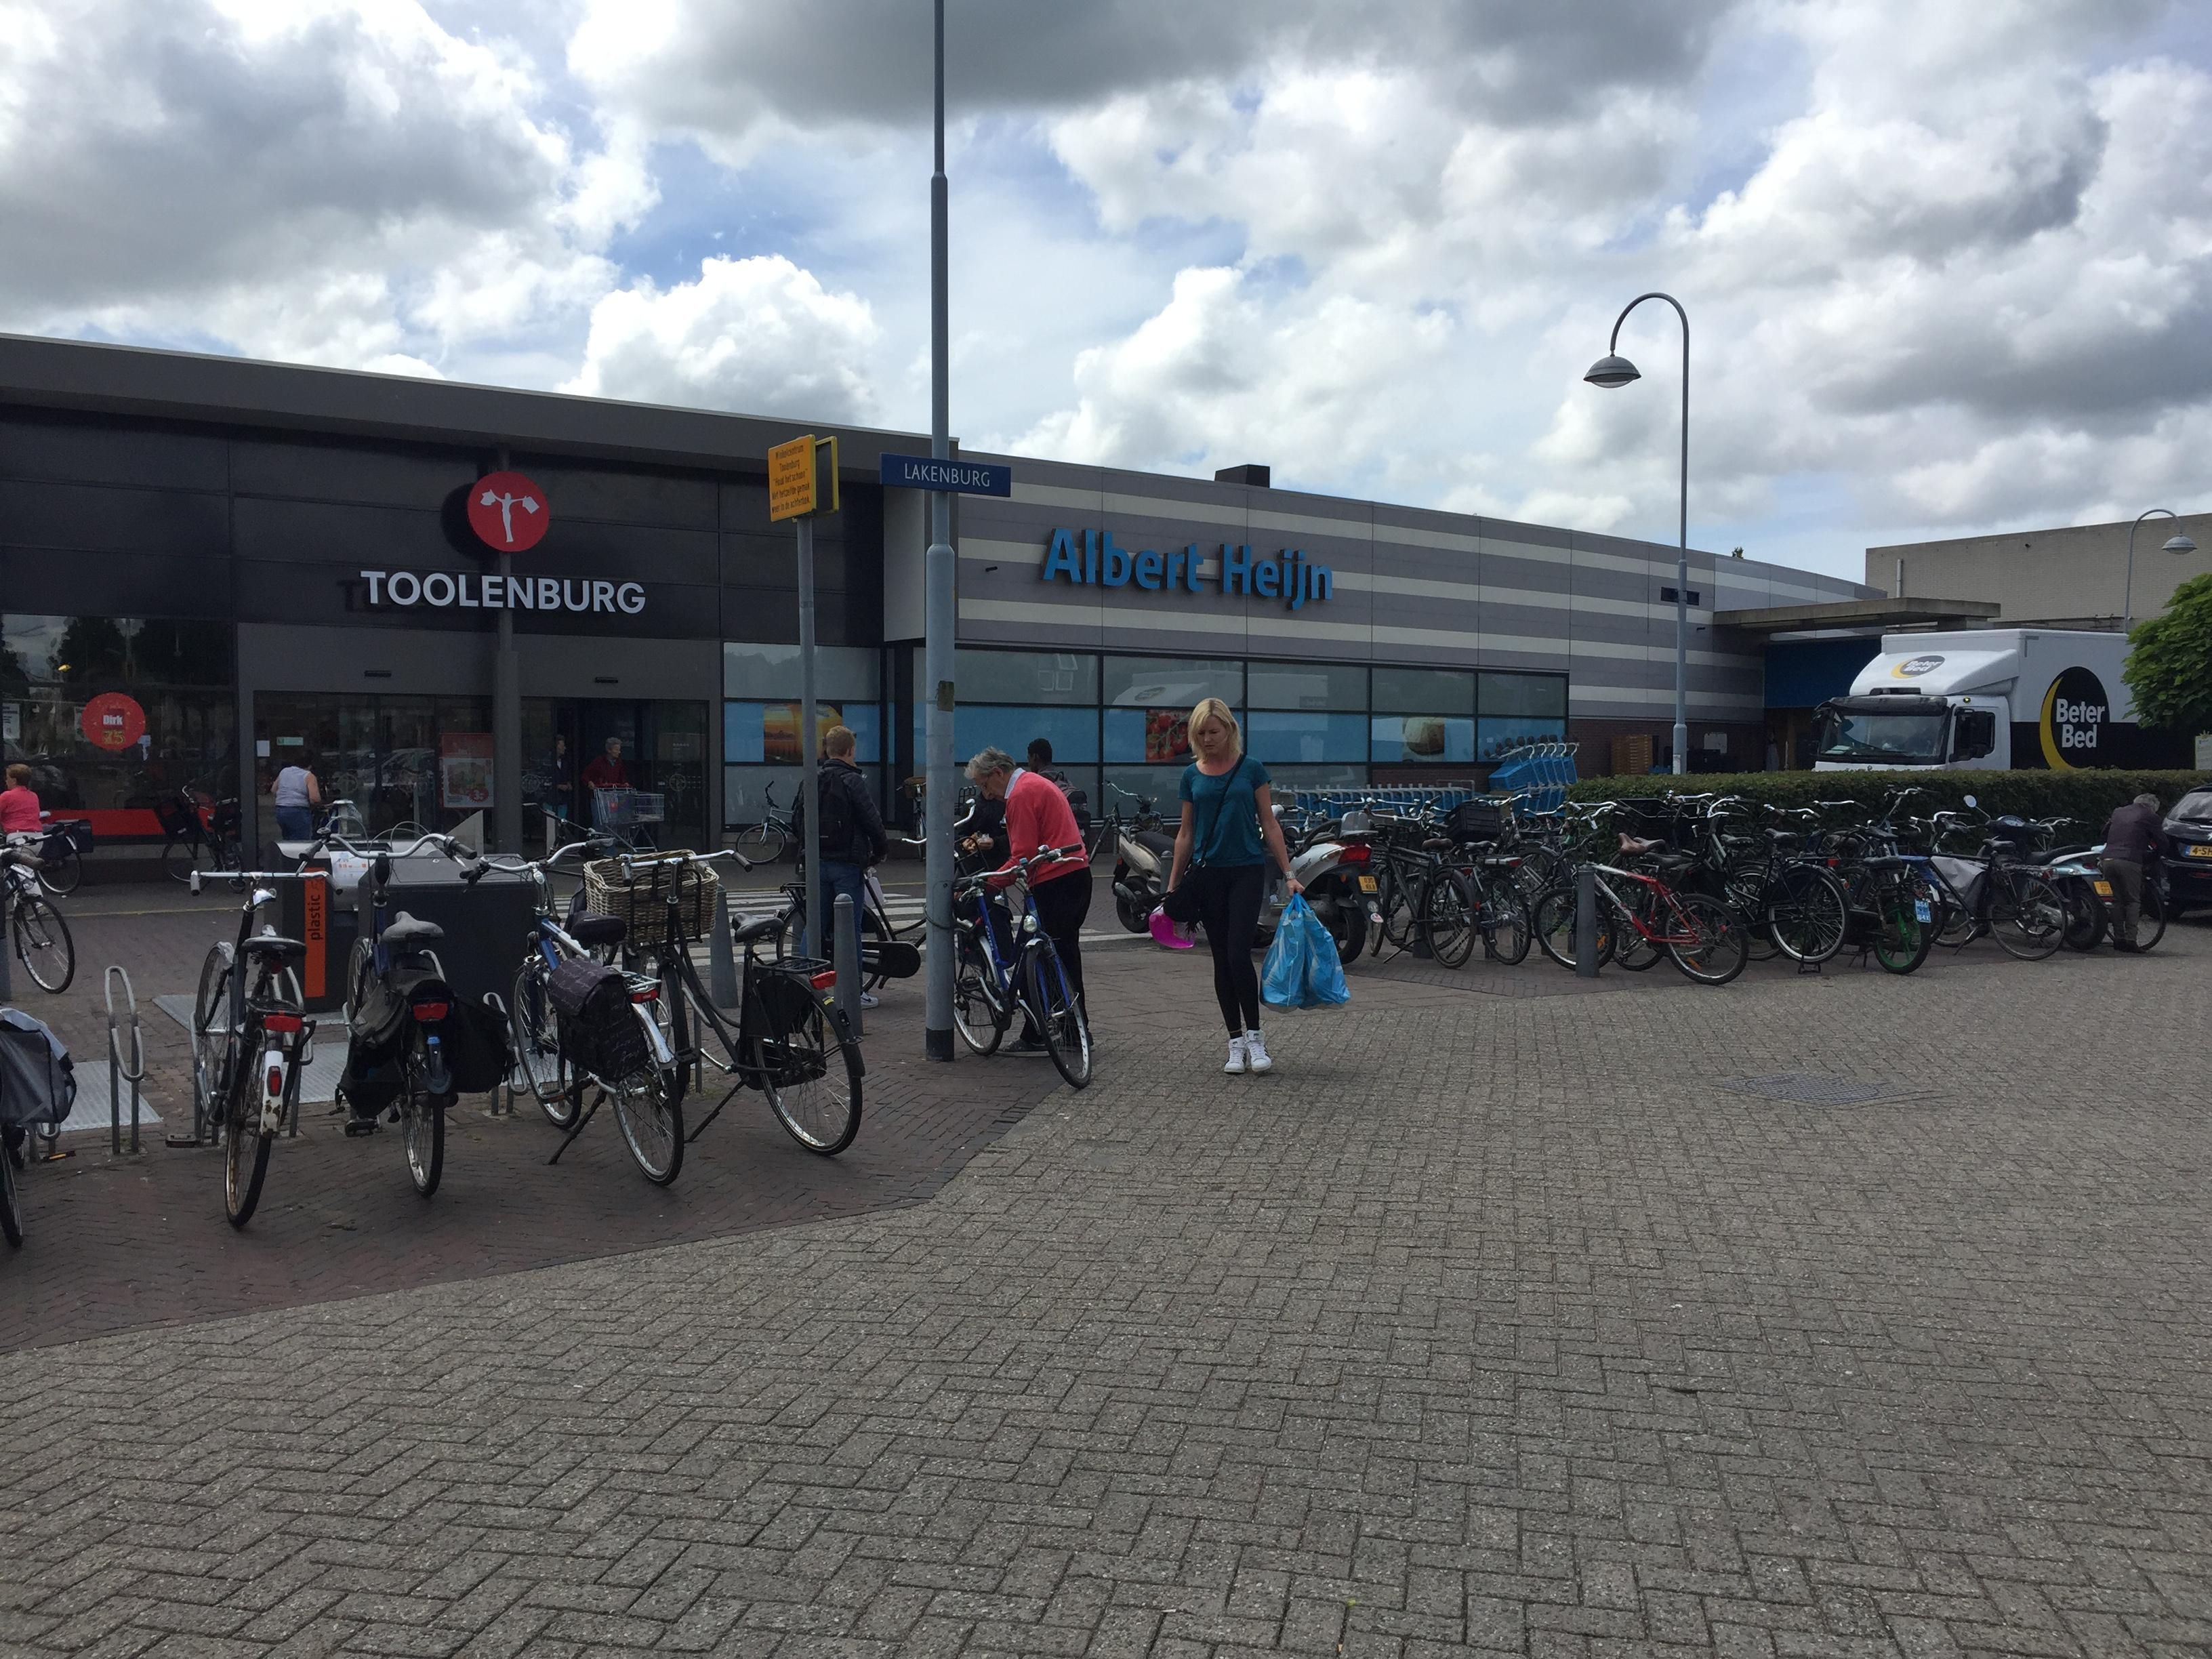 Vrees voor ongelukken bij winkelcentrum Toolenburg